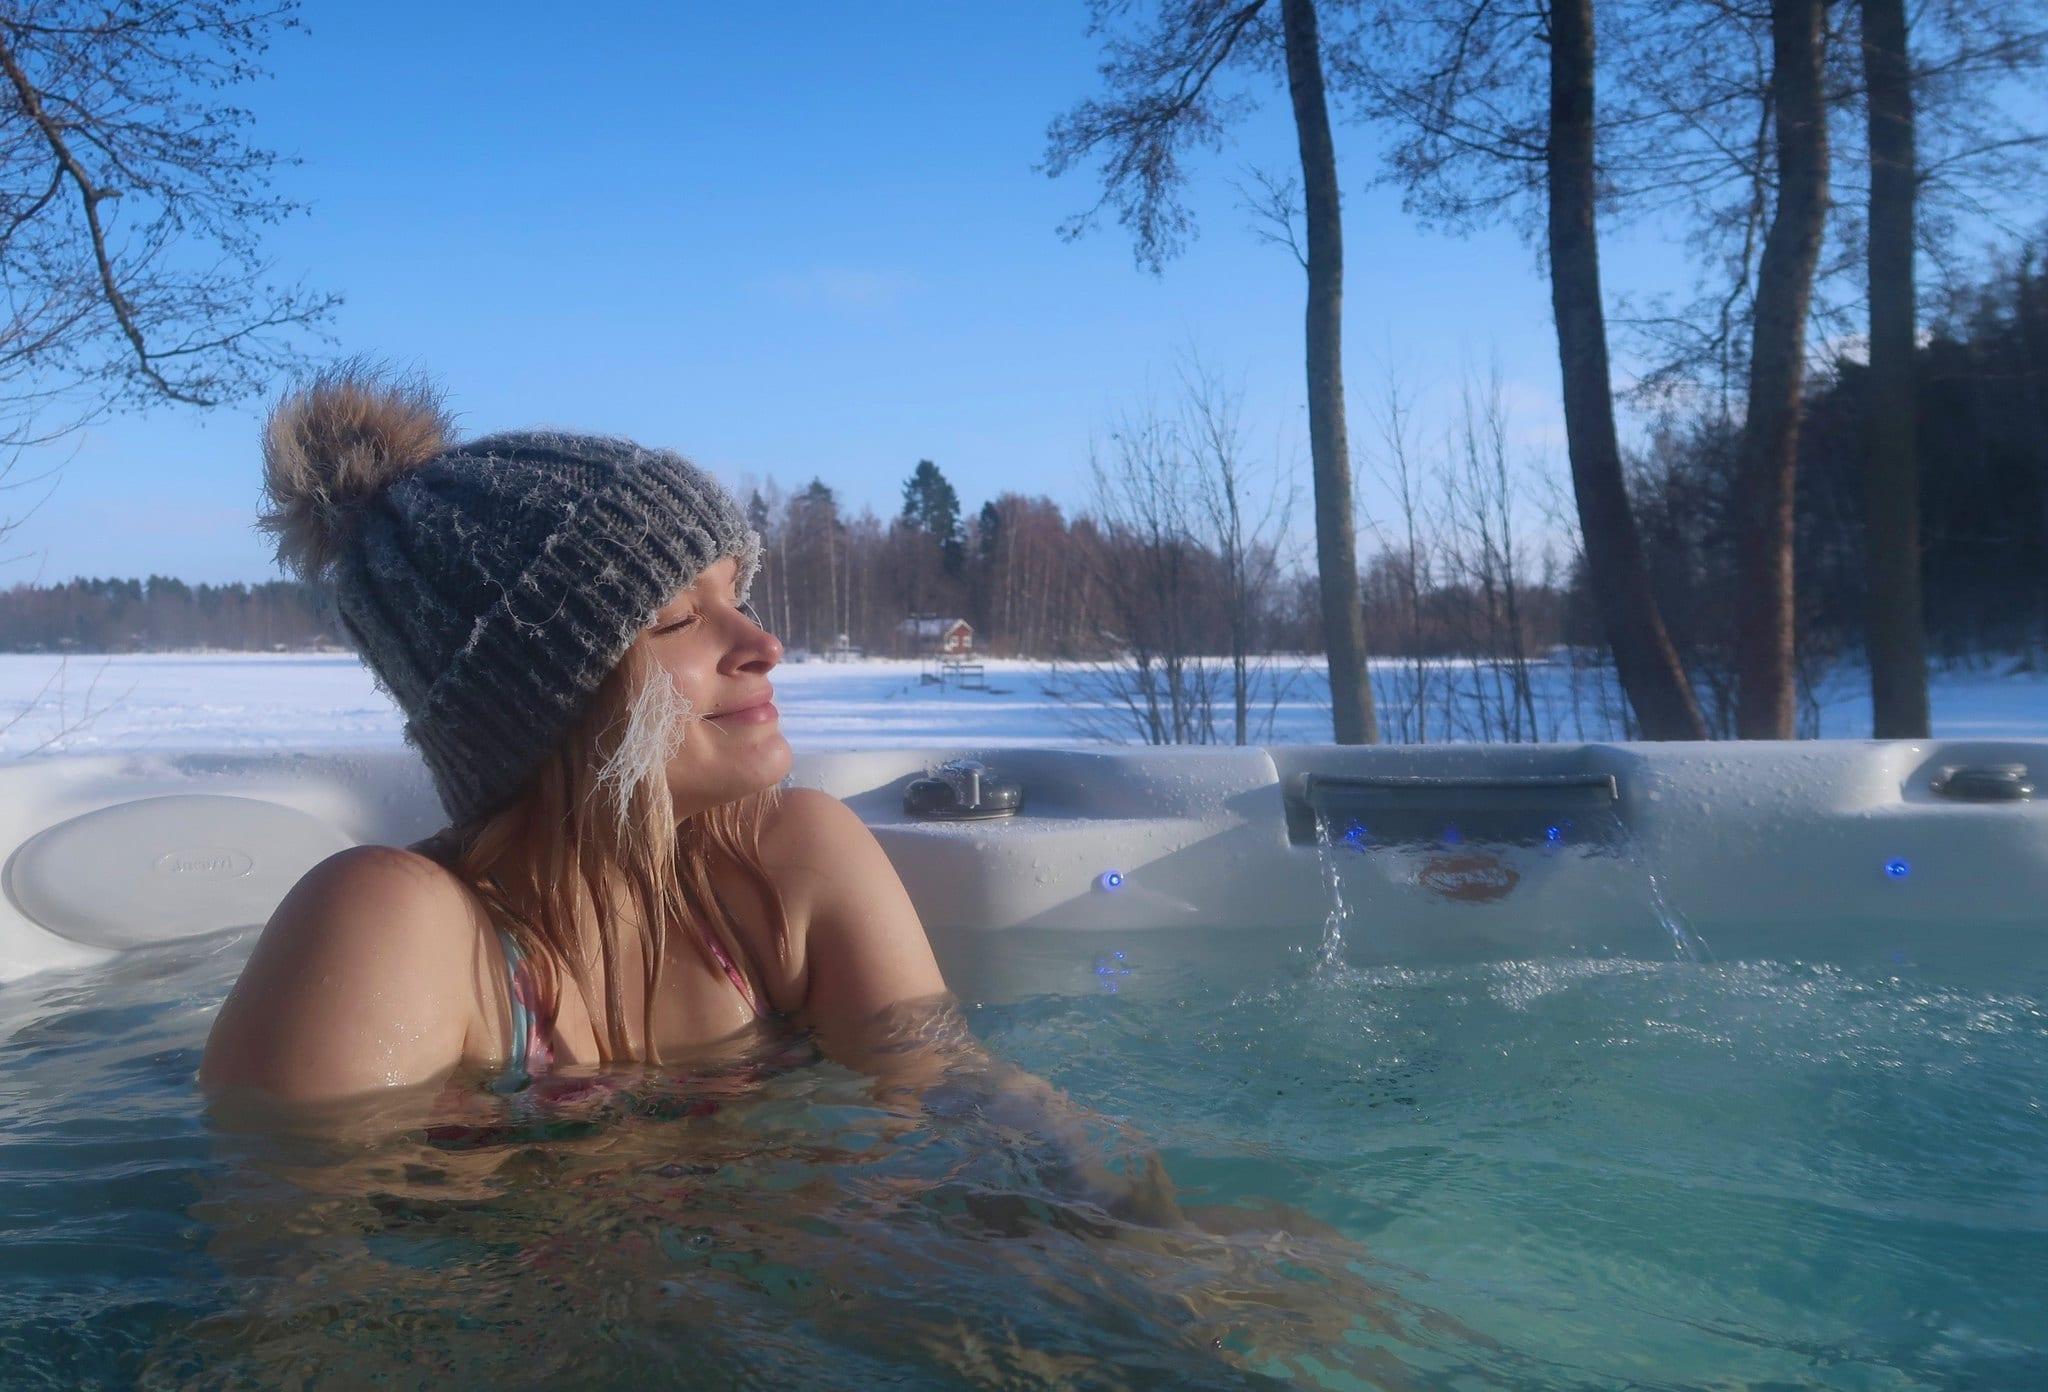 Frau mit Mütze in einem Whirlpool Outdoor im Winter